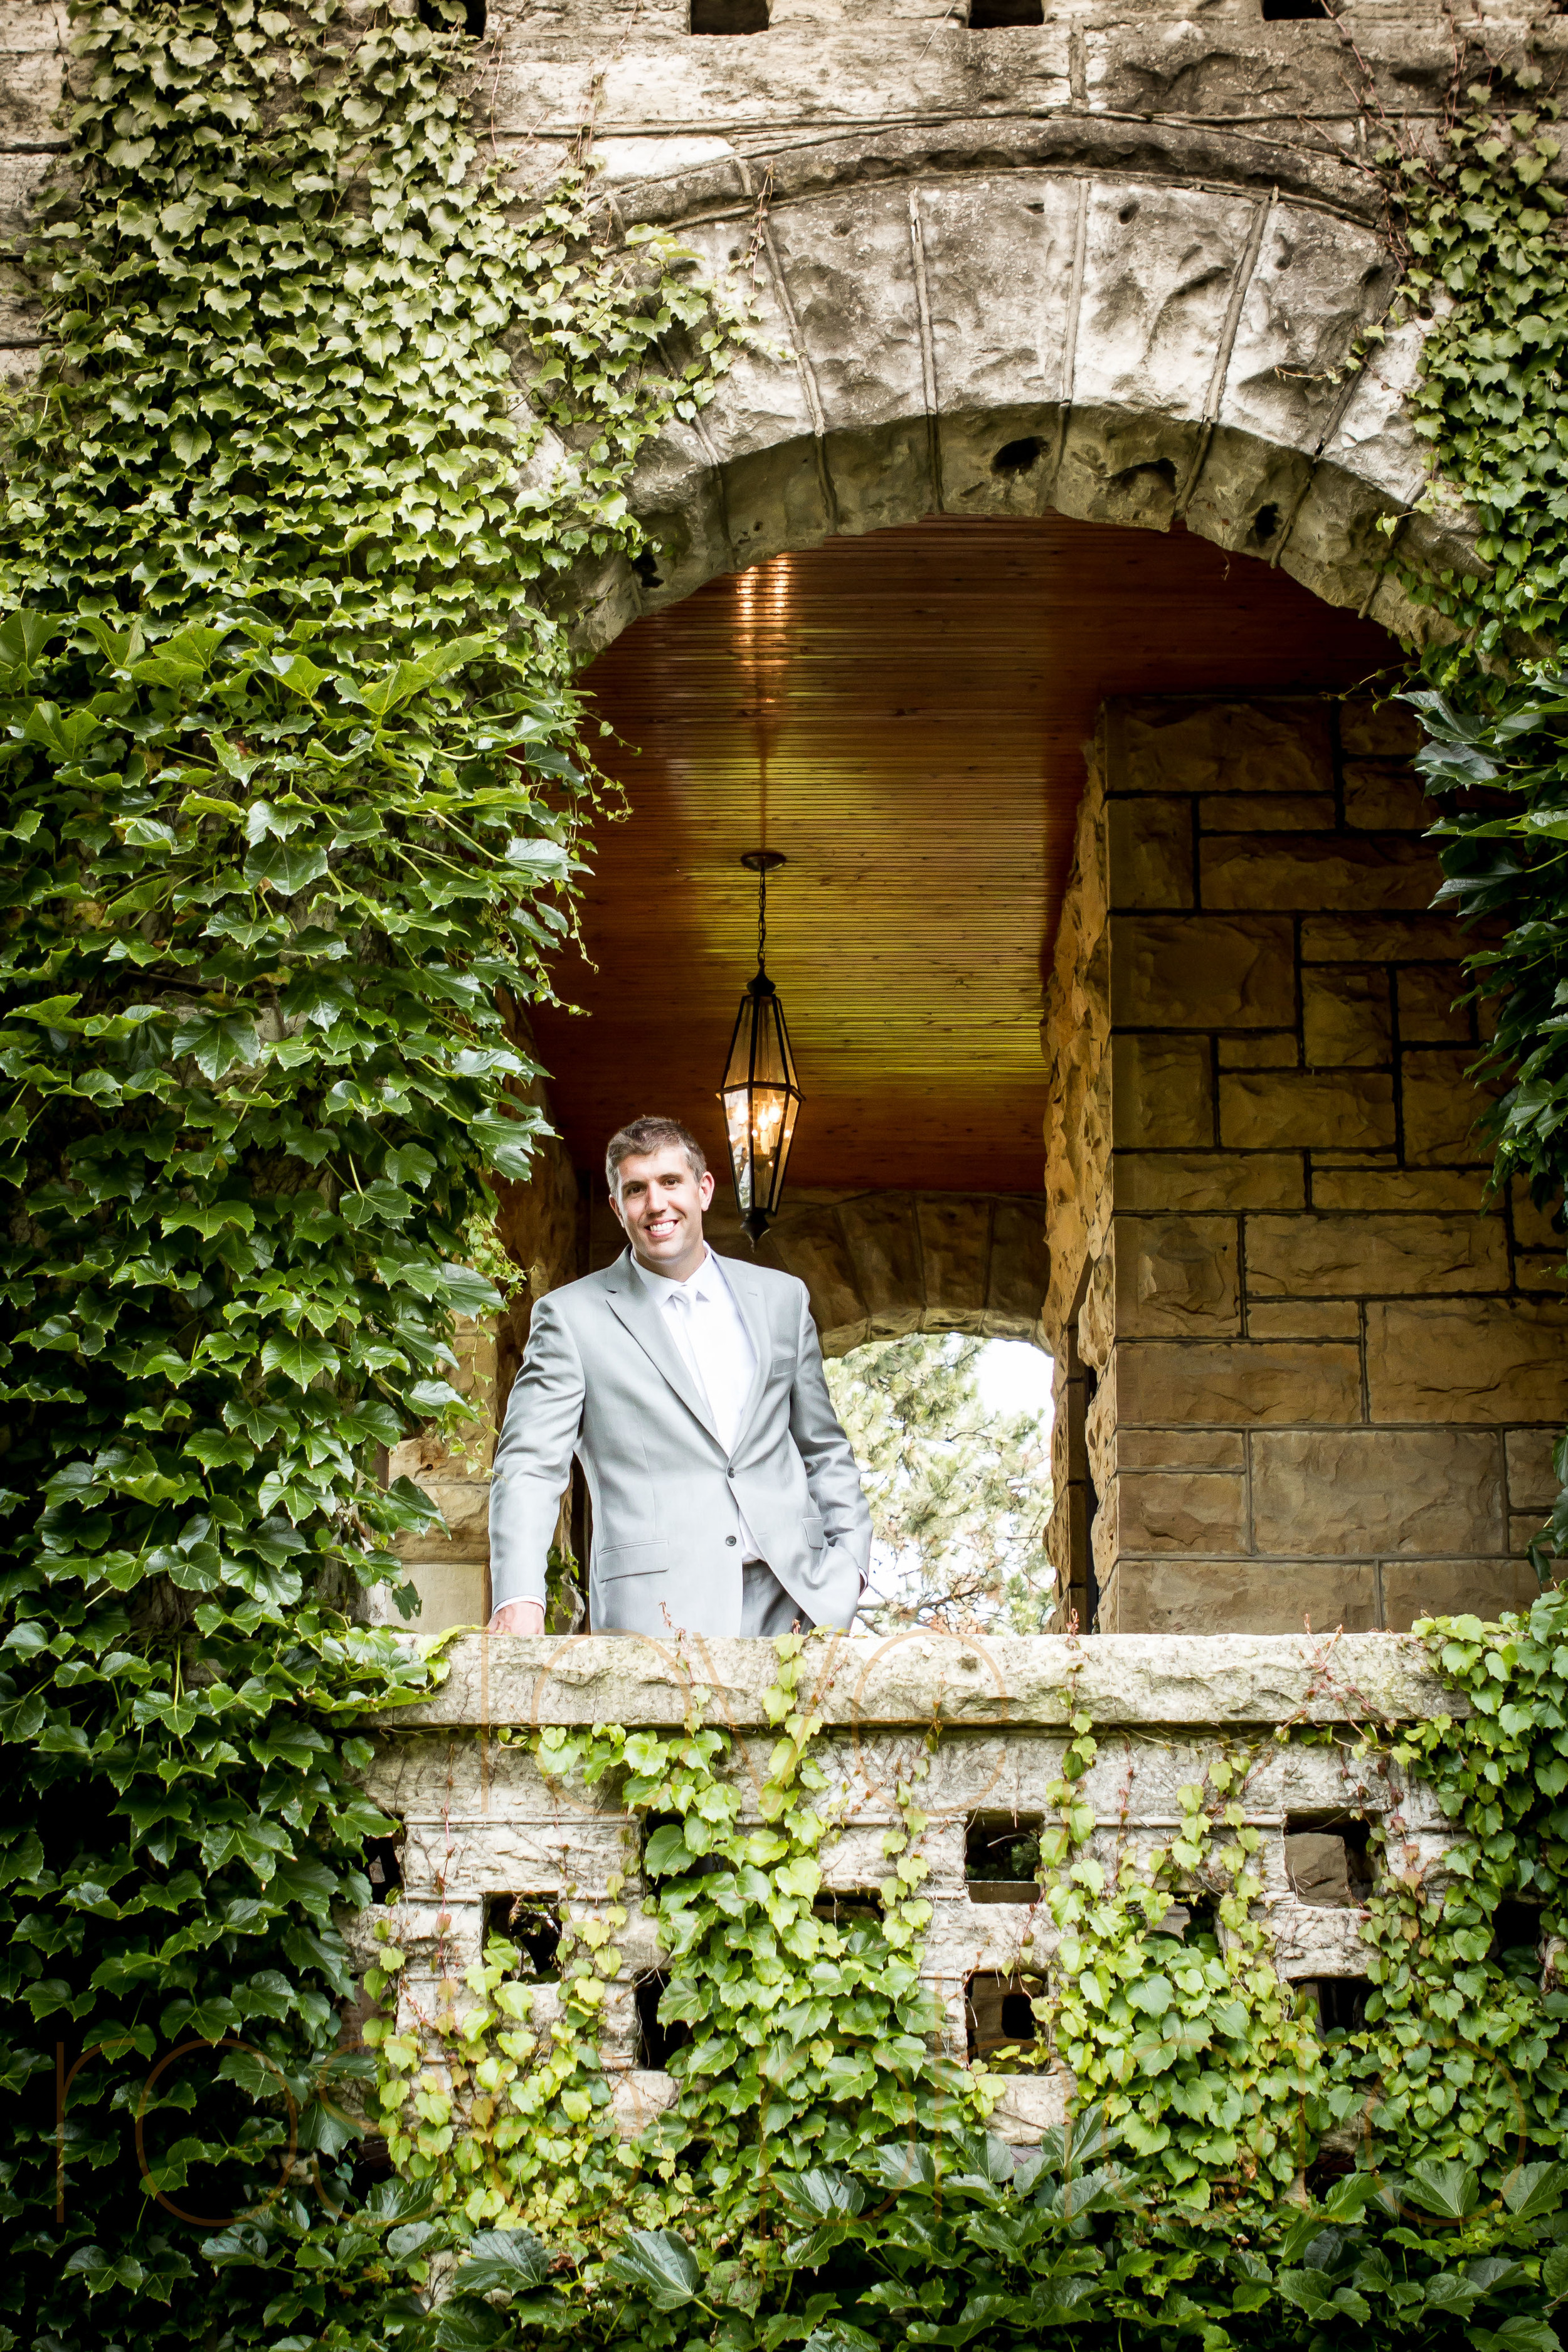 ellen + bryan chicago wedding joliet james healy mansion portrait lifestyle photojournalist photographer -009.jpg